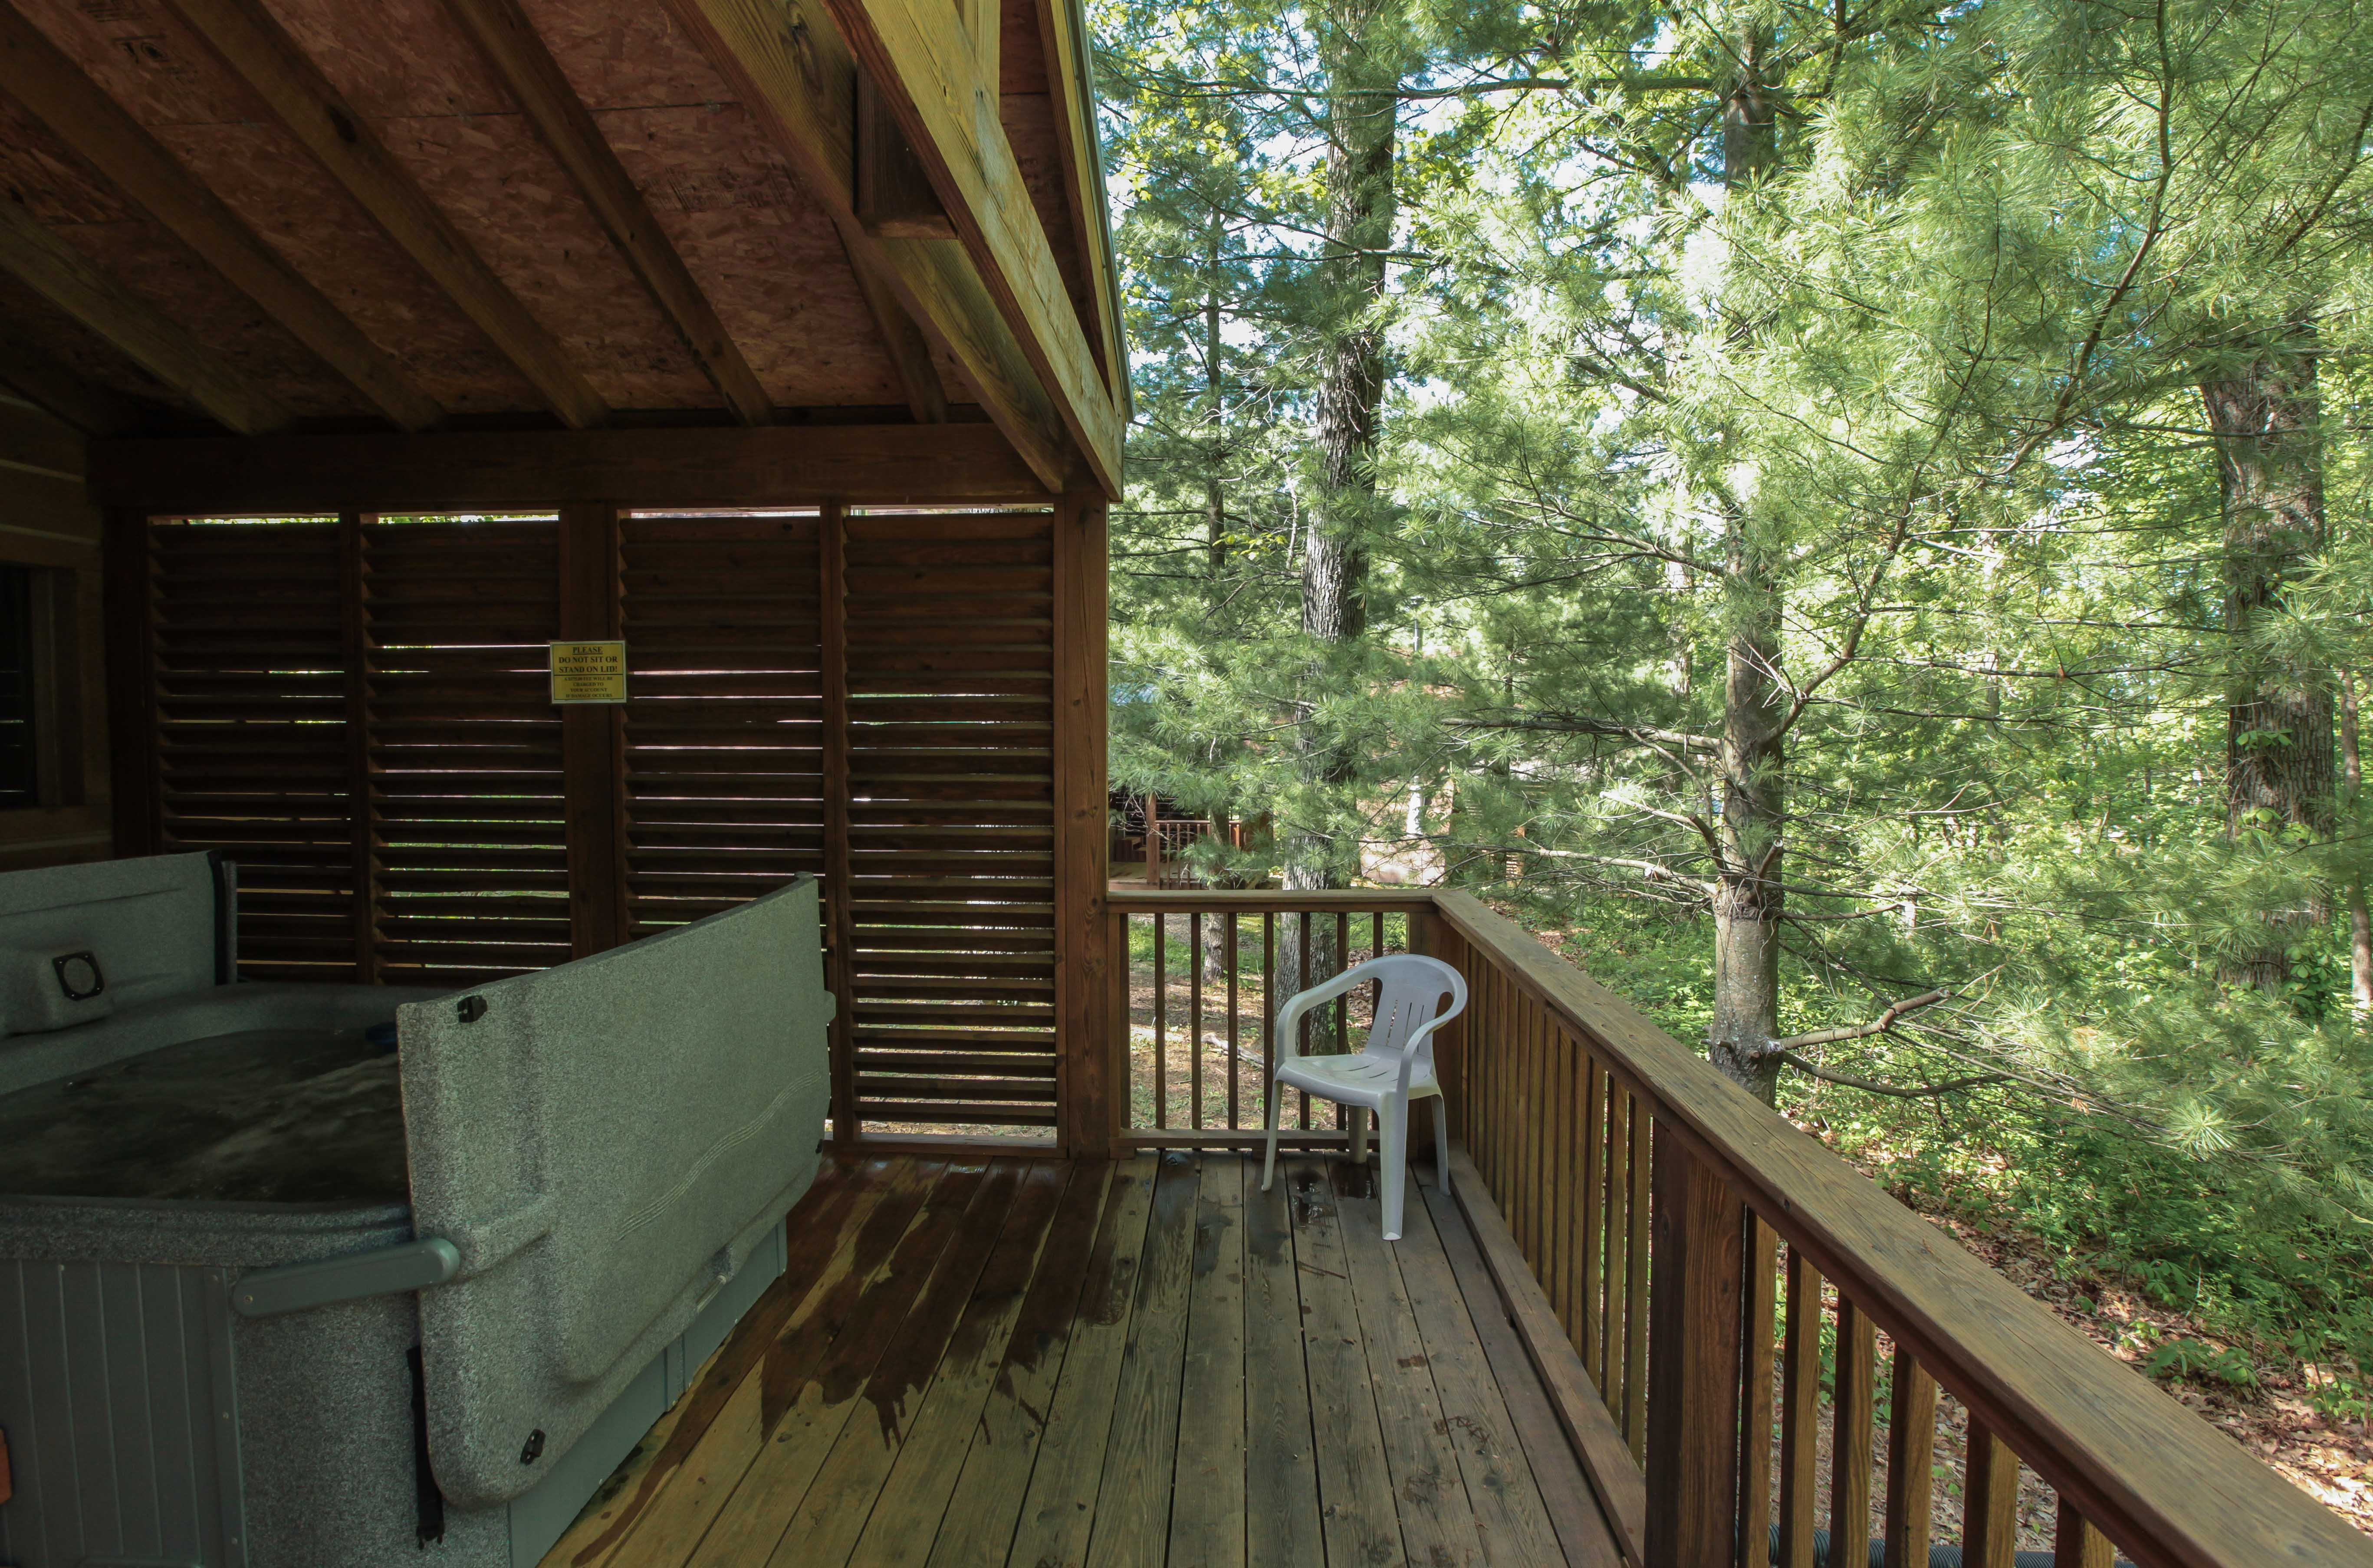 romantic special buren hills van in for hocking cabins getaways ohio a cabin honeymoon rotation